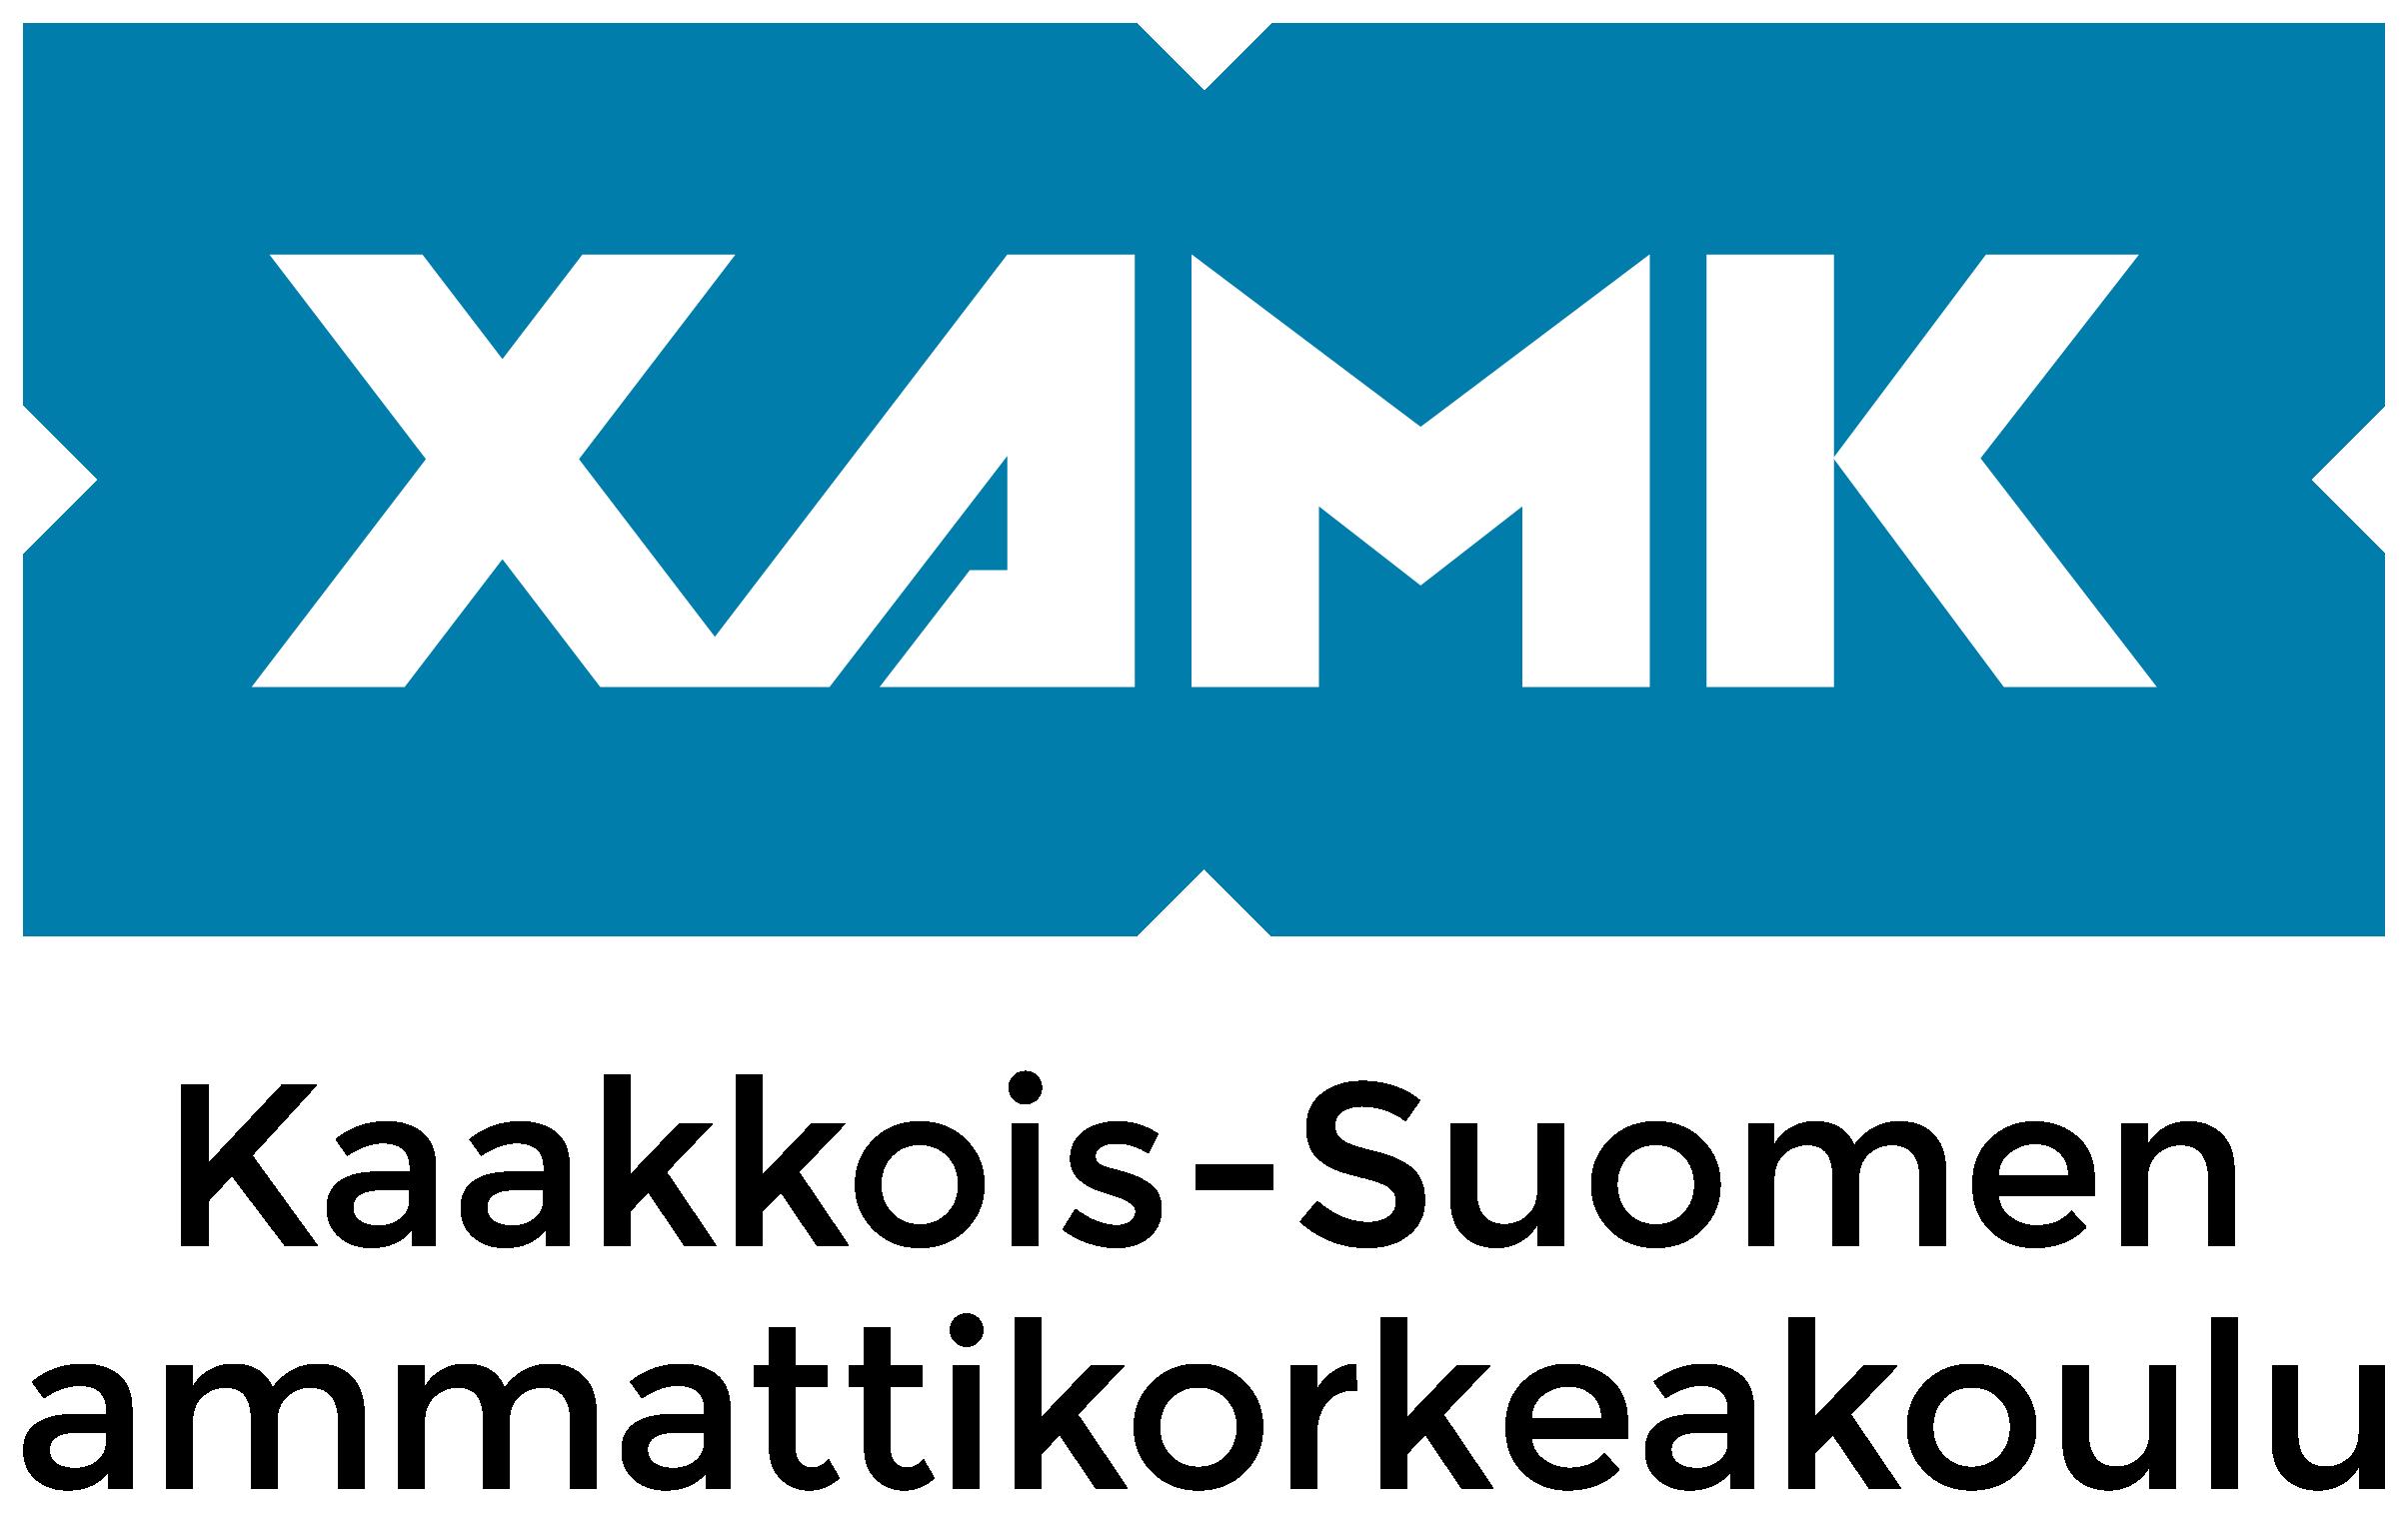 Xamk logo